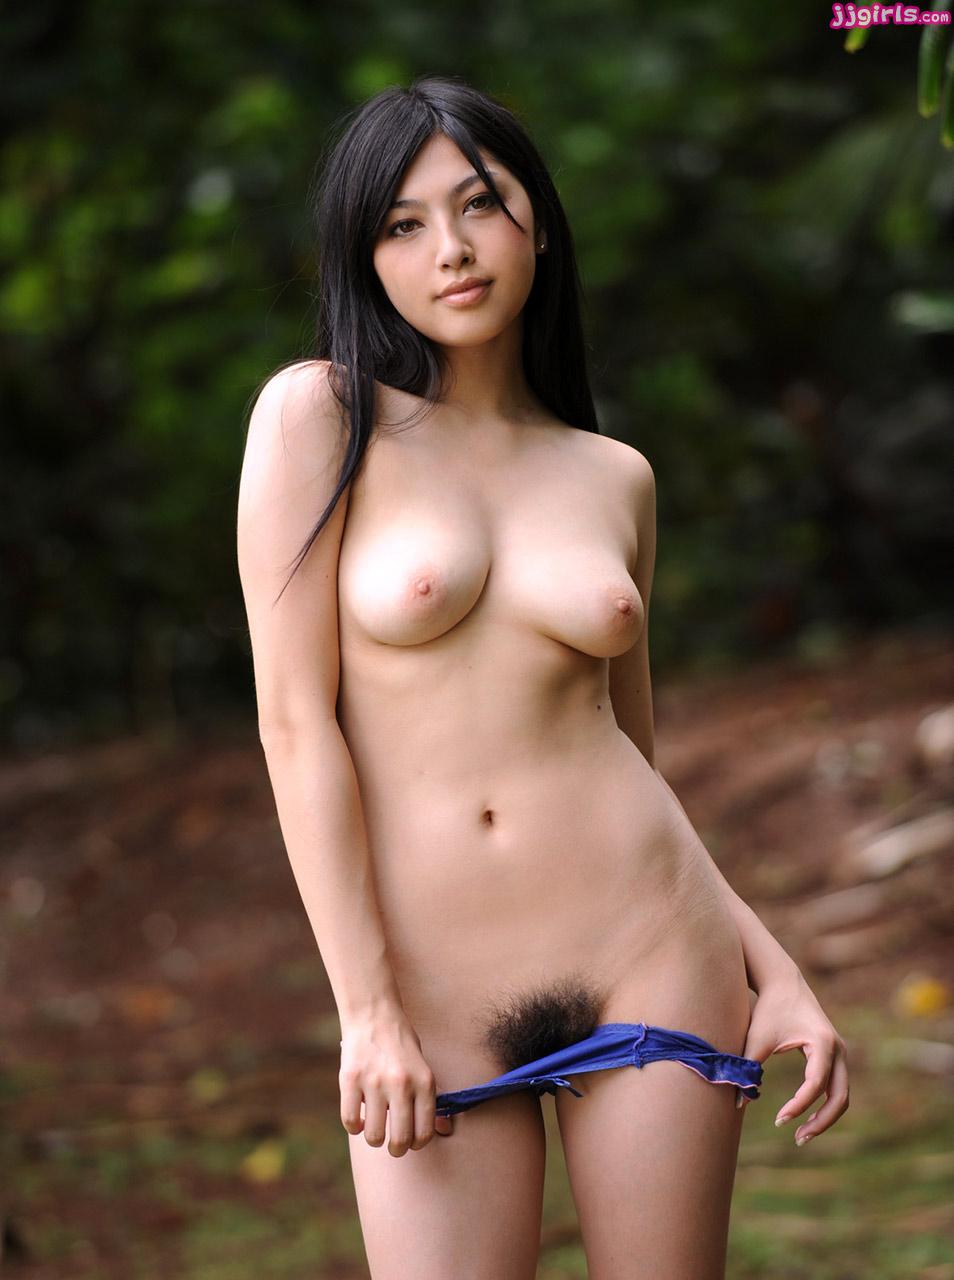 Ino yamanaka hentai lesbian